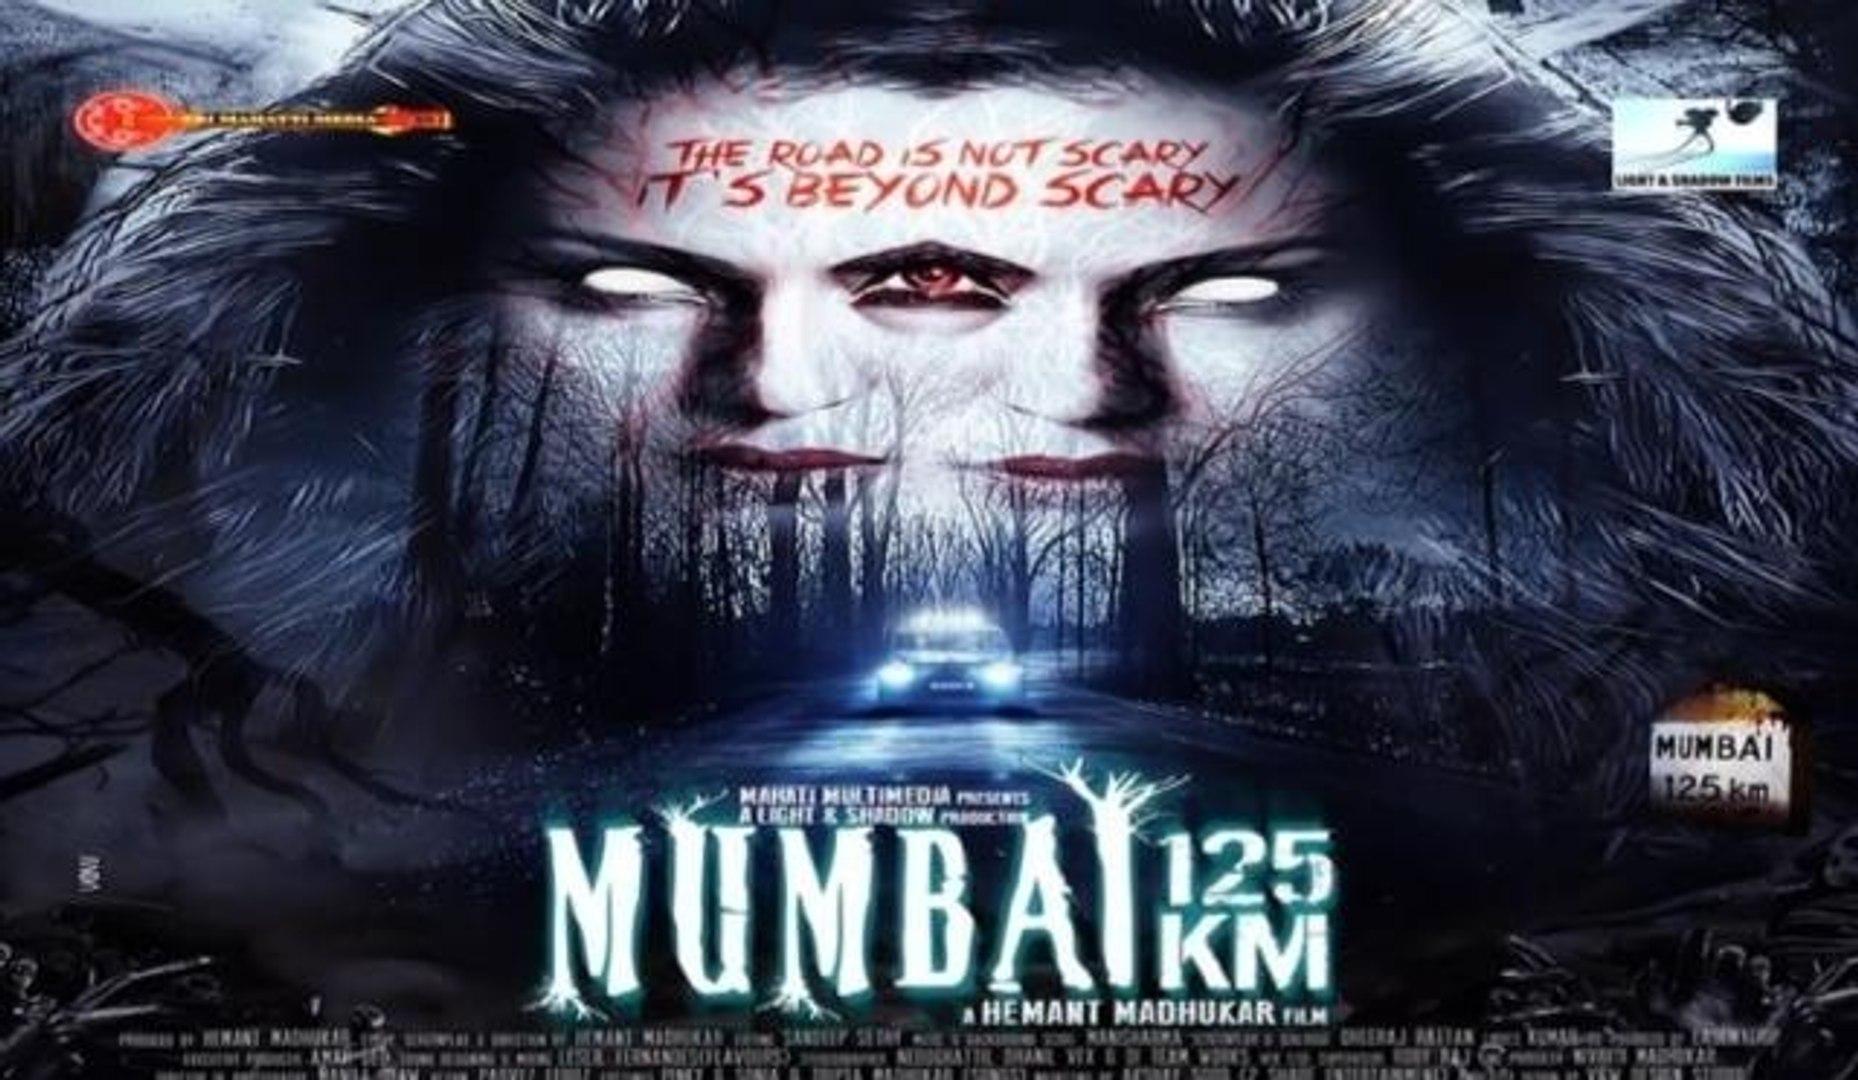 Mumbai 125 KM (2014) DVDRip HD Full Hindi Movie